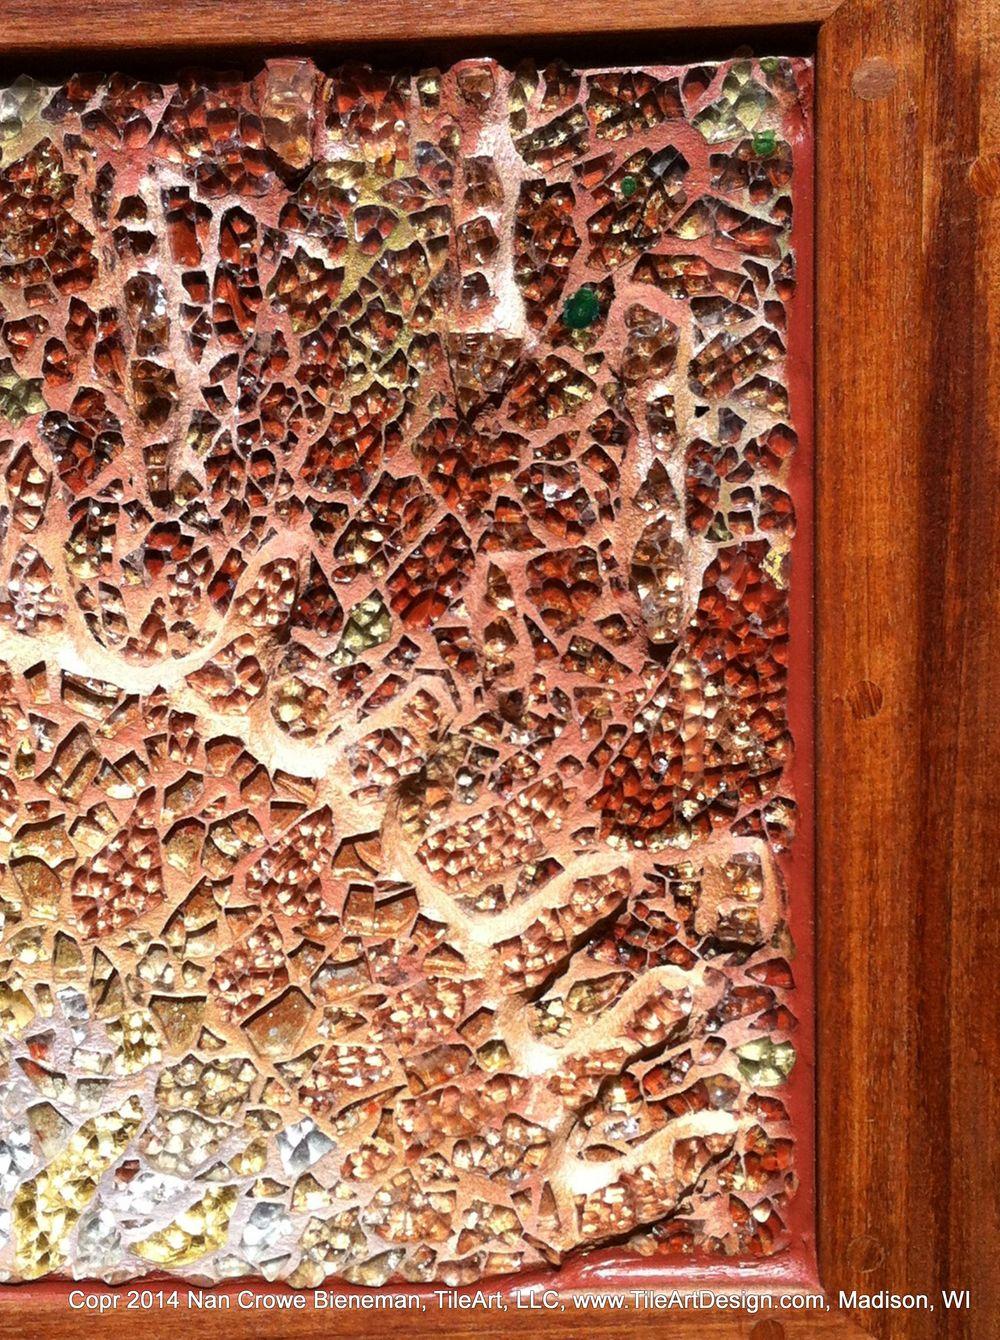 003gate 3D mosaic detail_1874.jpg